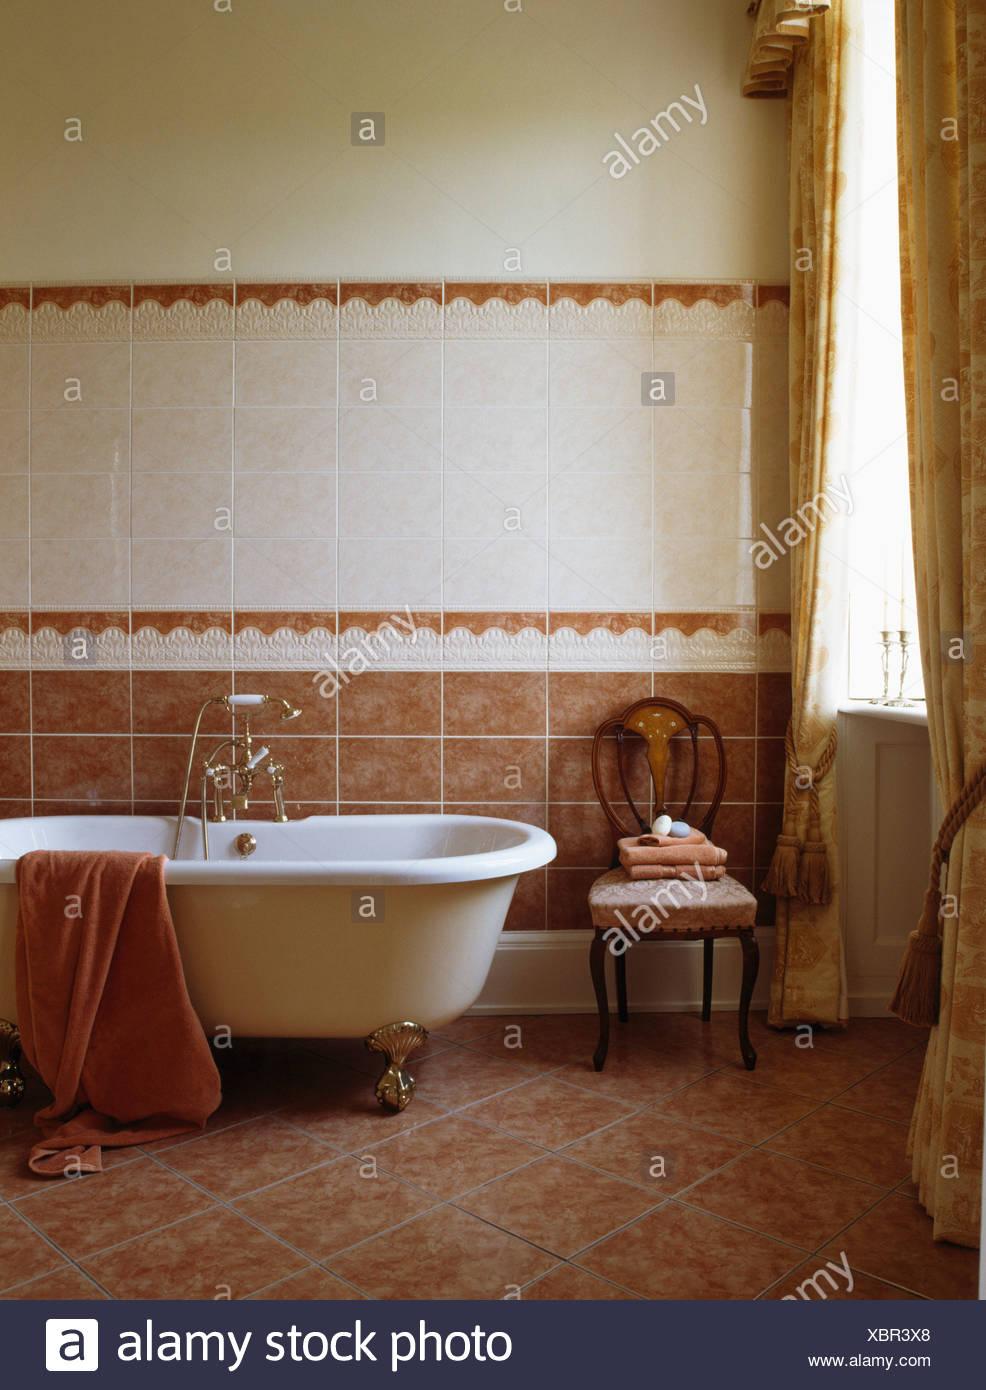 Baignoire sur pied en terre cuite et salle de bains avec carrelage